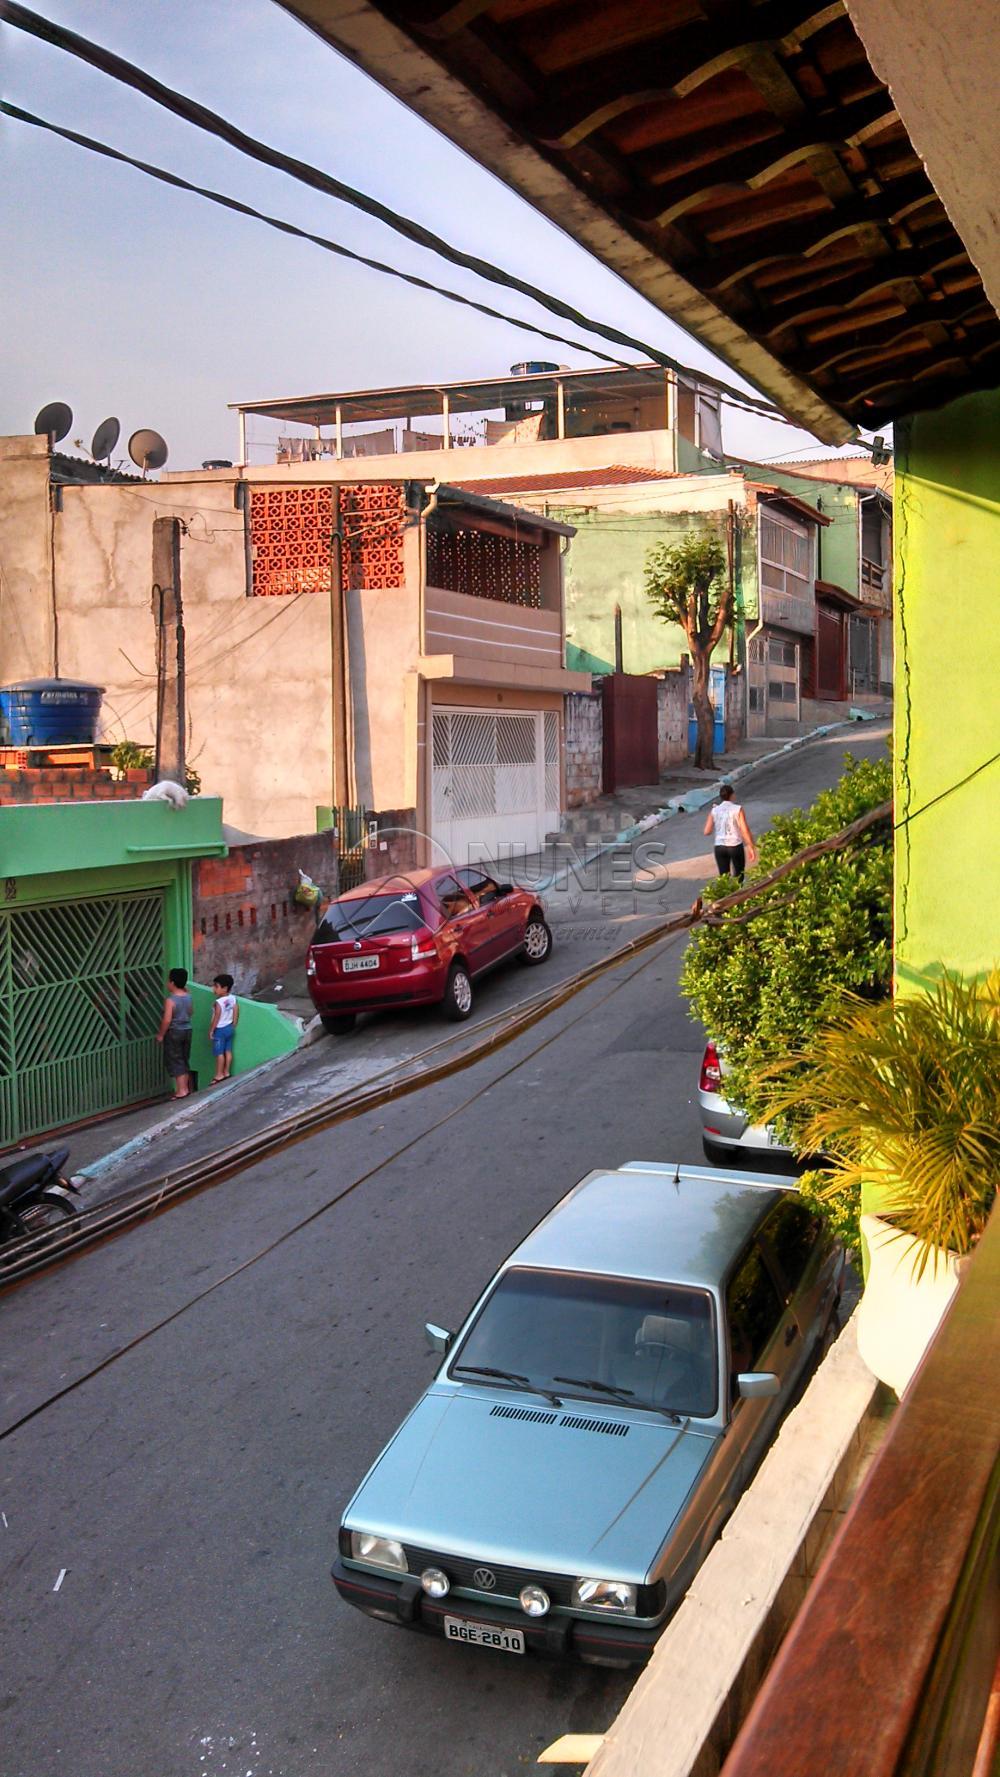 Casa Sobrado de 4 dormitórios à venda em Vila Guarani, Carapicuíba - SP